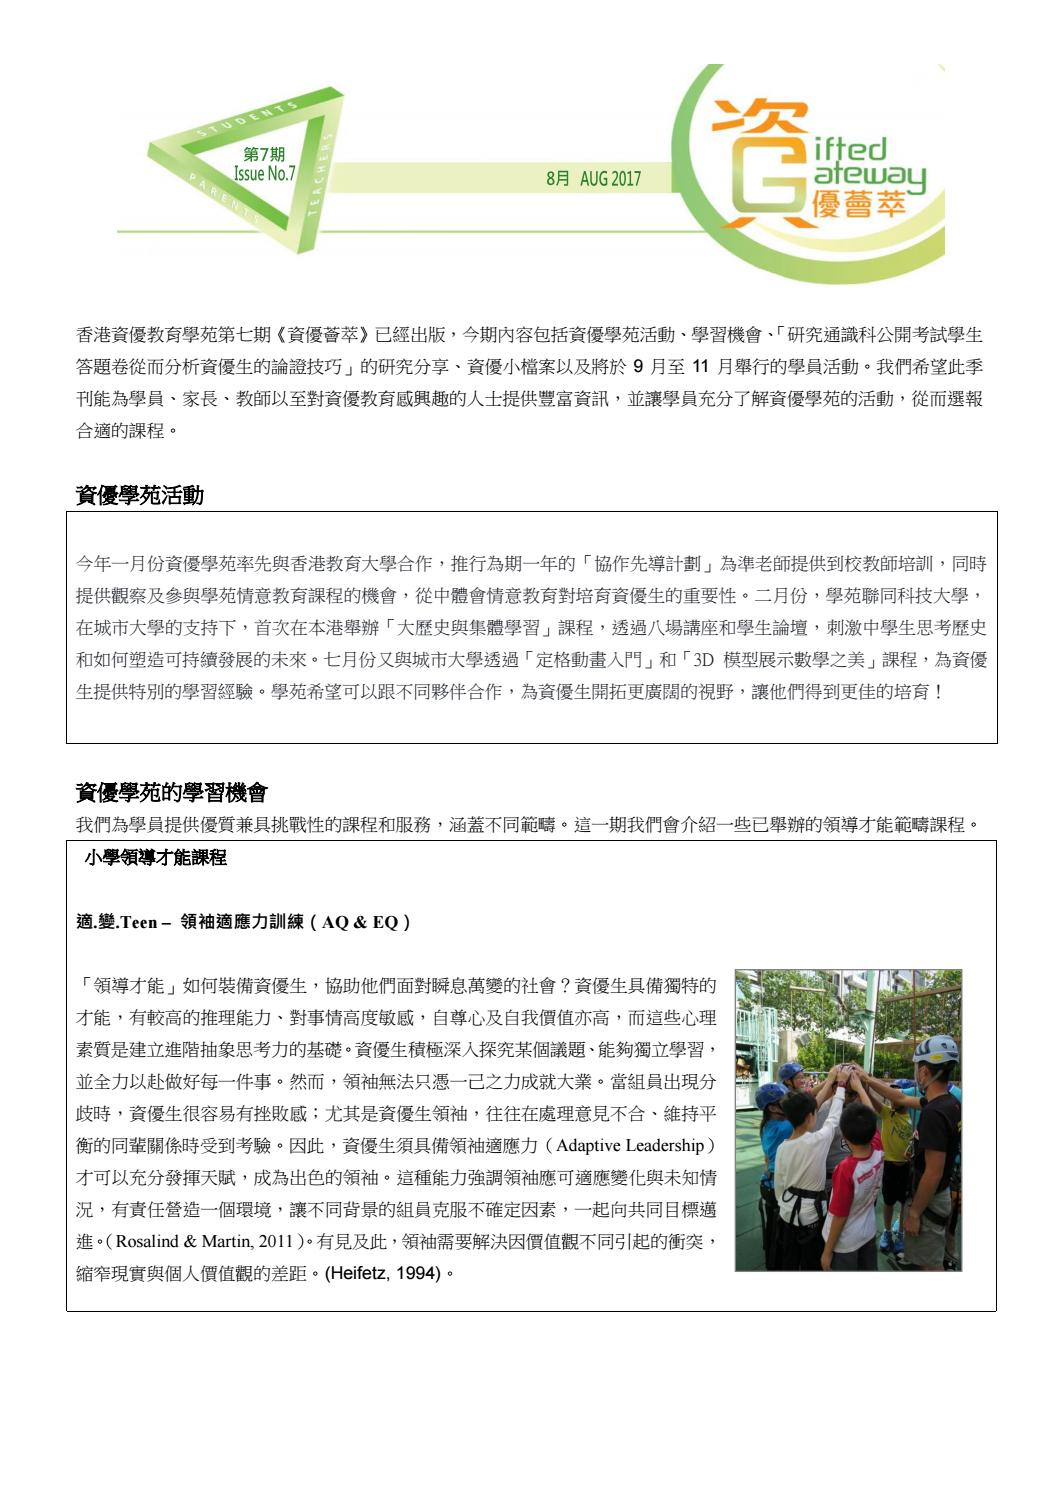 資優薈萃 第七期 by The Hong Kong Academy for Gifted Education - Issuu